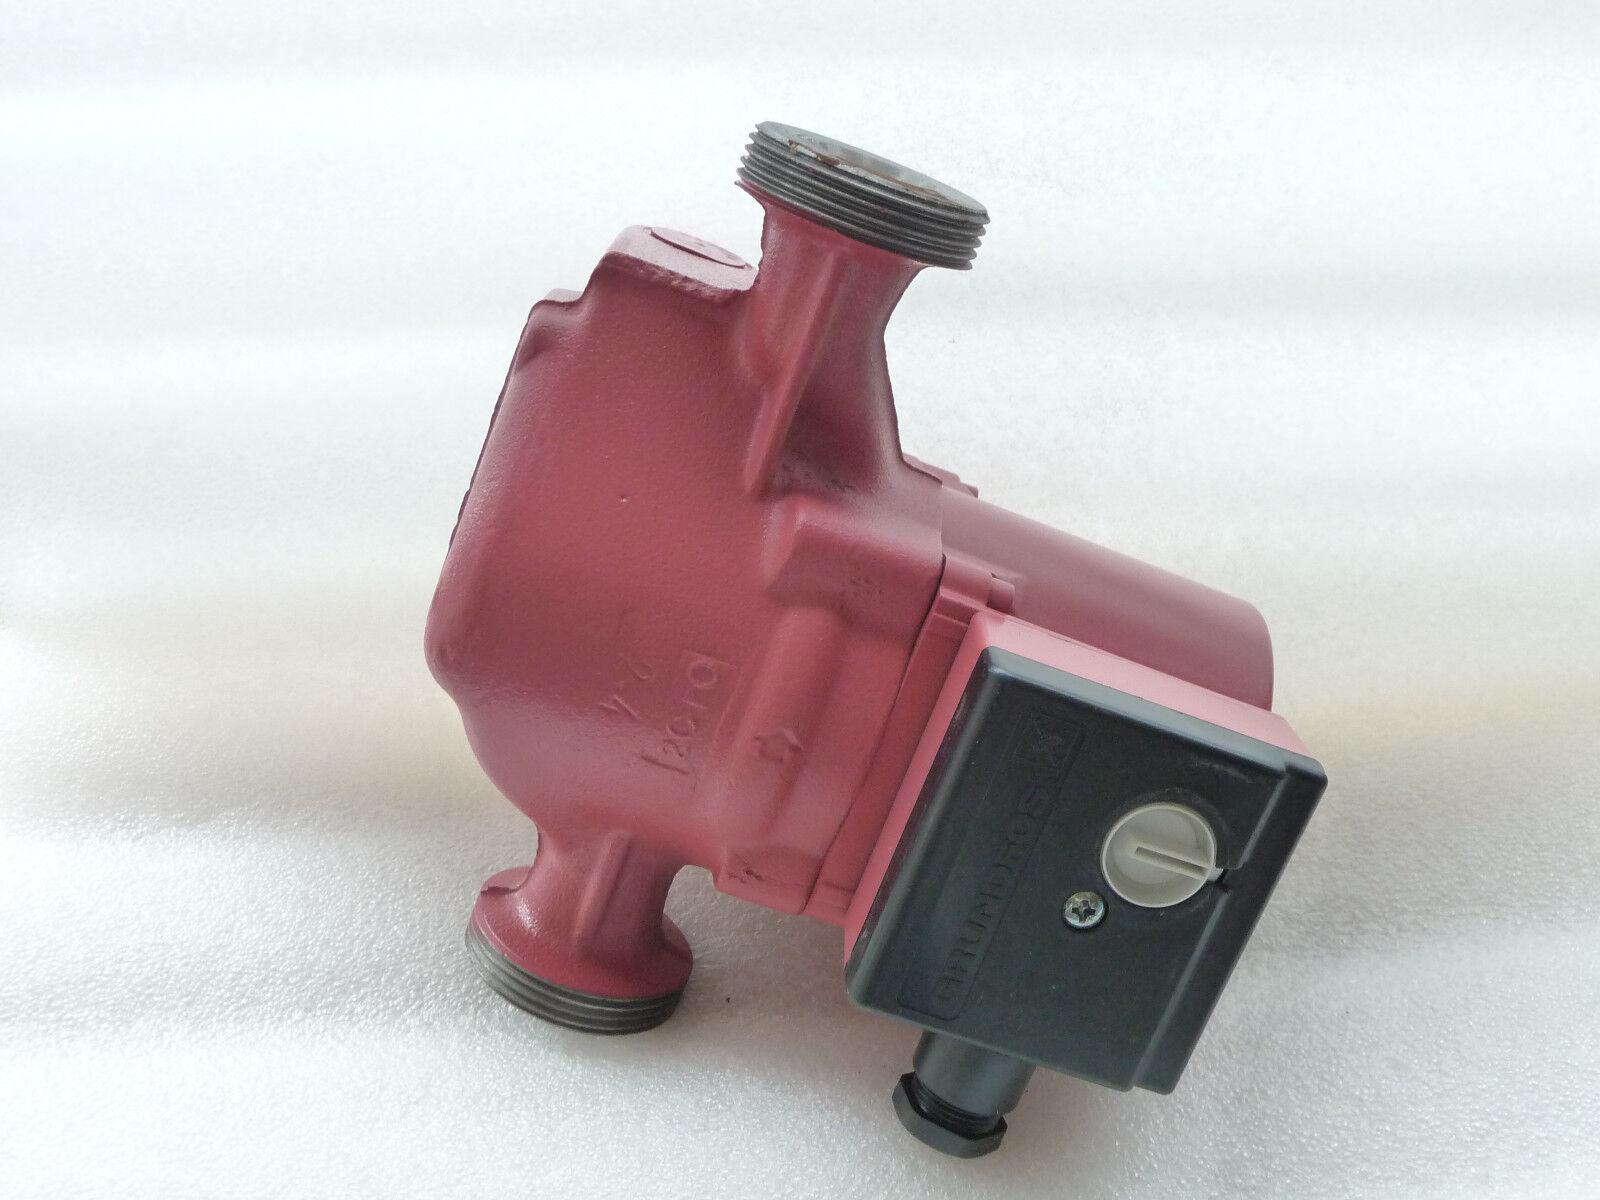 Grundfos UPS 25 - - - 60  A Airlectric Heizungspumpe 180 mm 50566053 NEU P6130/19 40b227